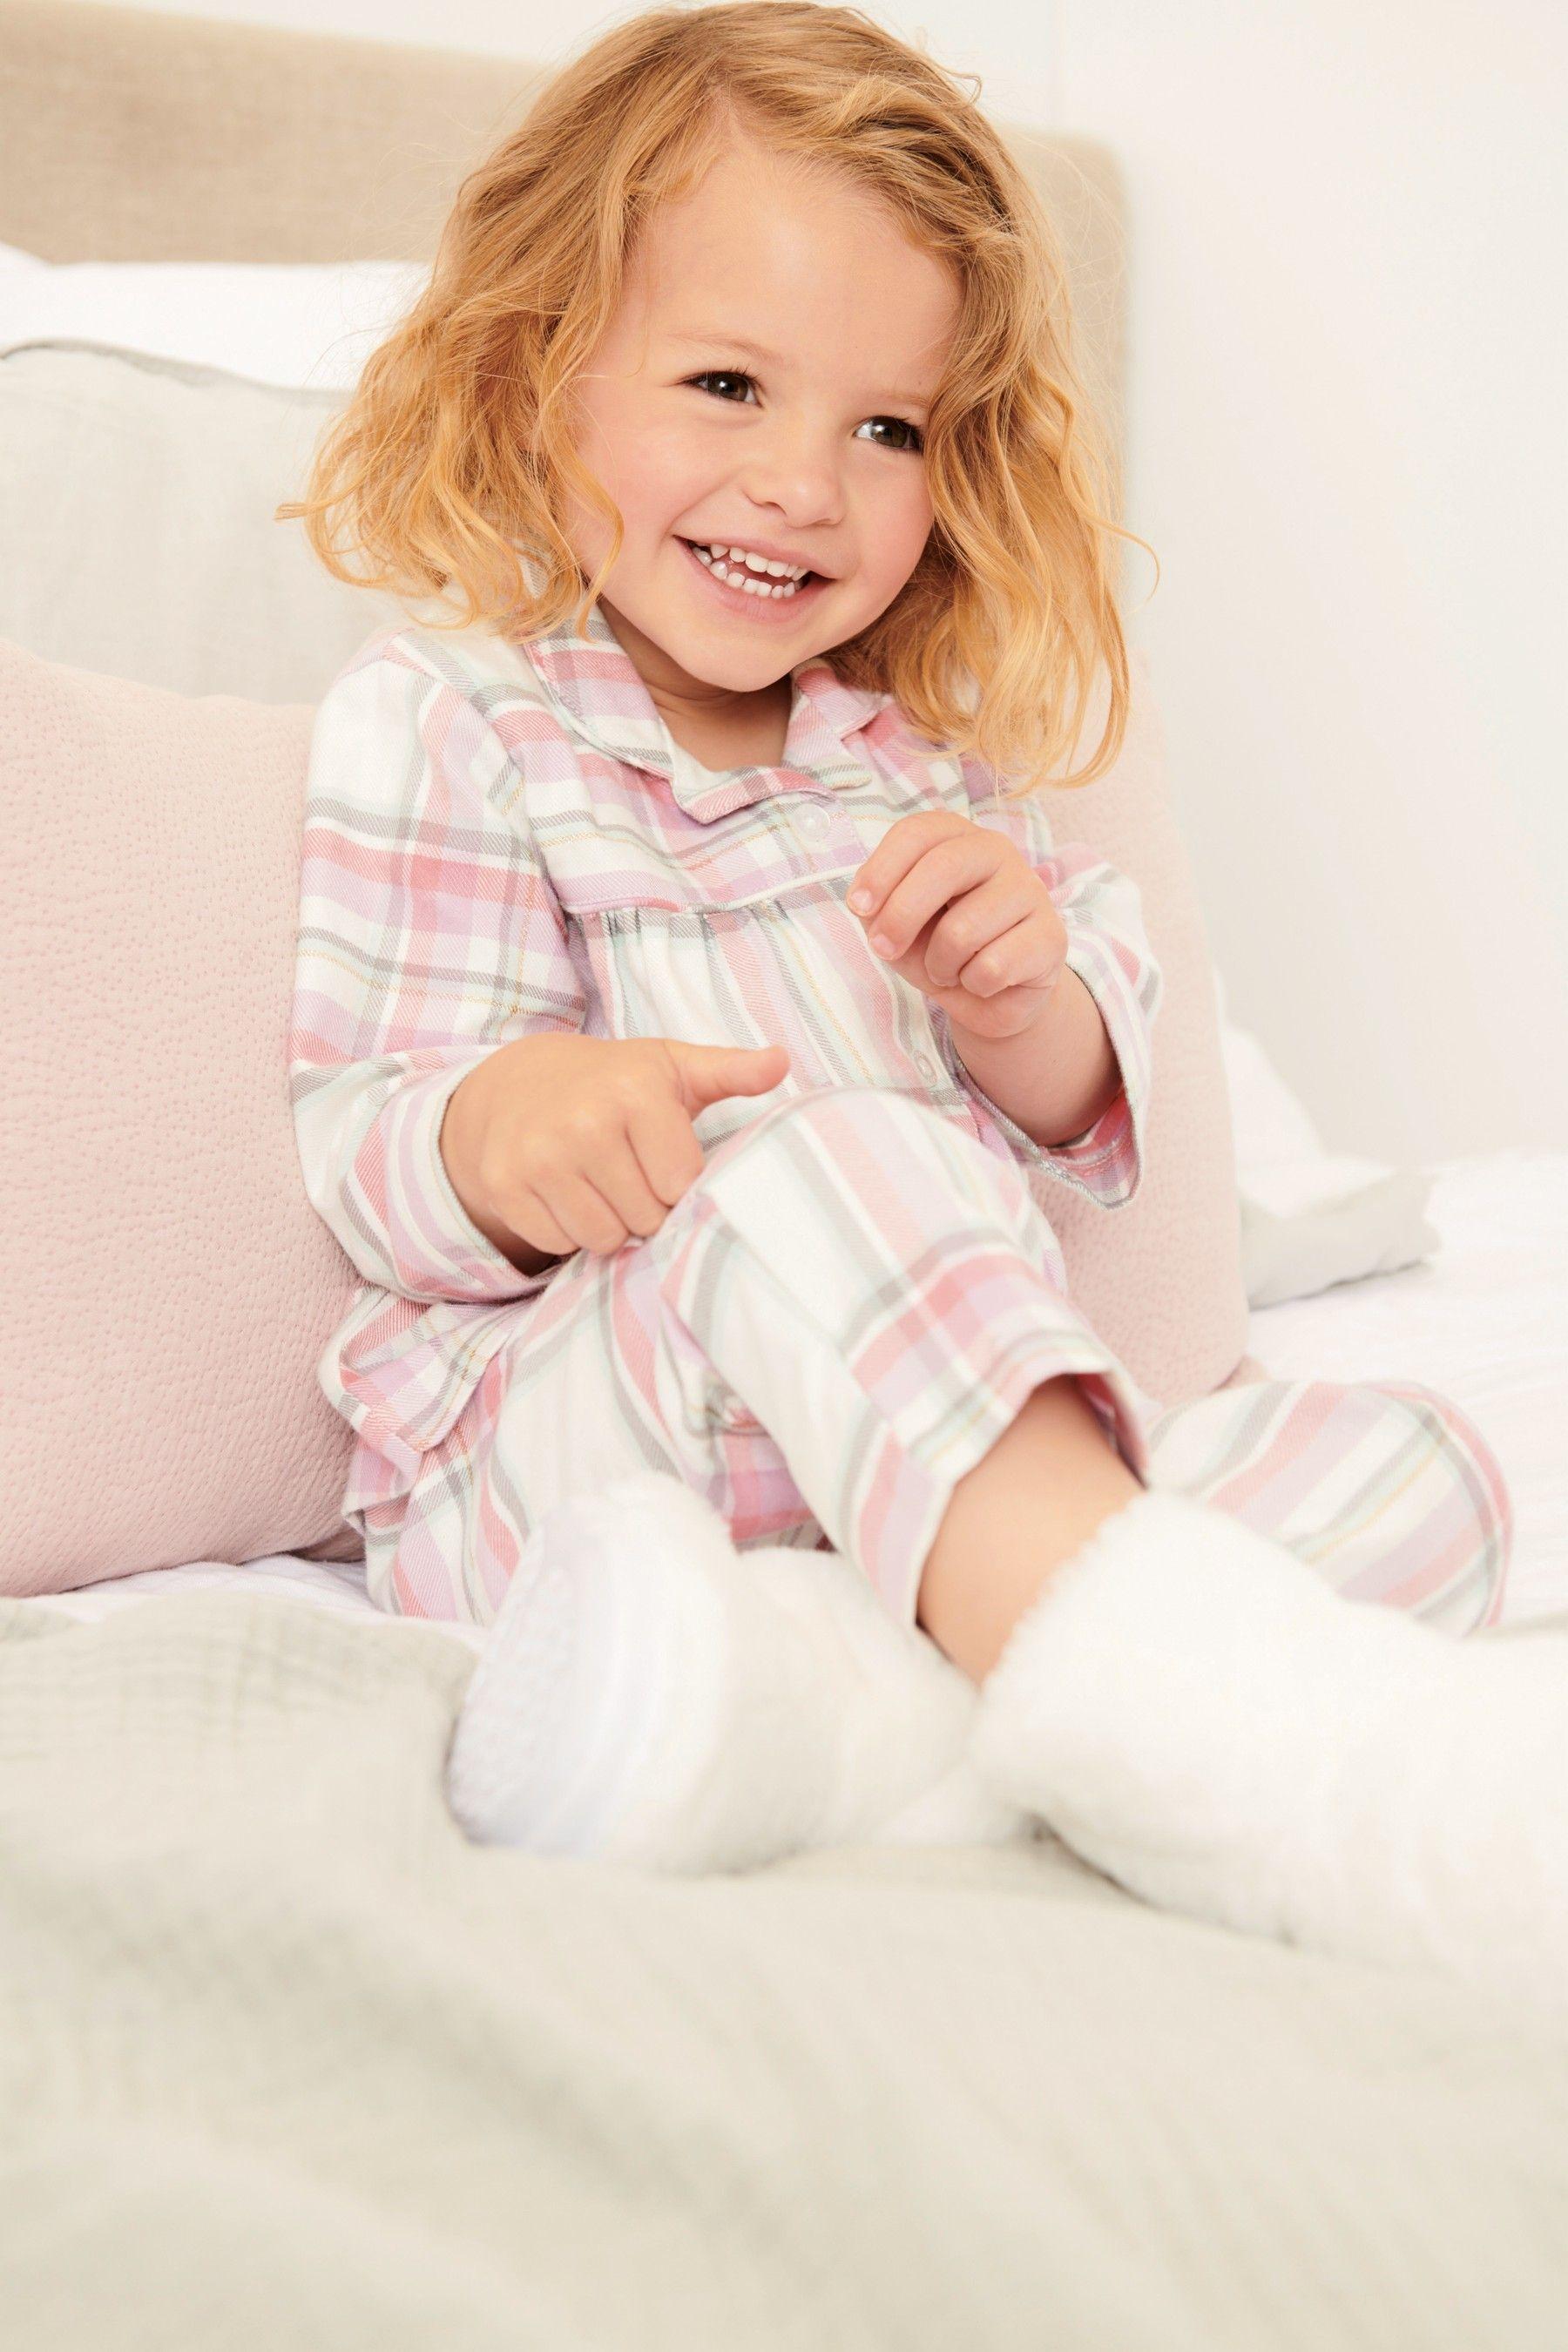 989aaa6aa0 Buy Girls nightwear Nightwear Oldergirls Youngergirls Oldergirls  Youngergirls Pyjamas Pyjamas from the Next UK online shop